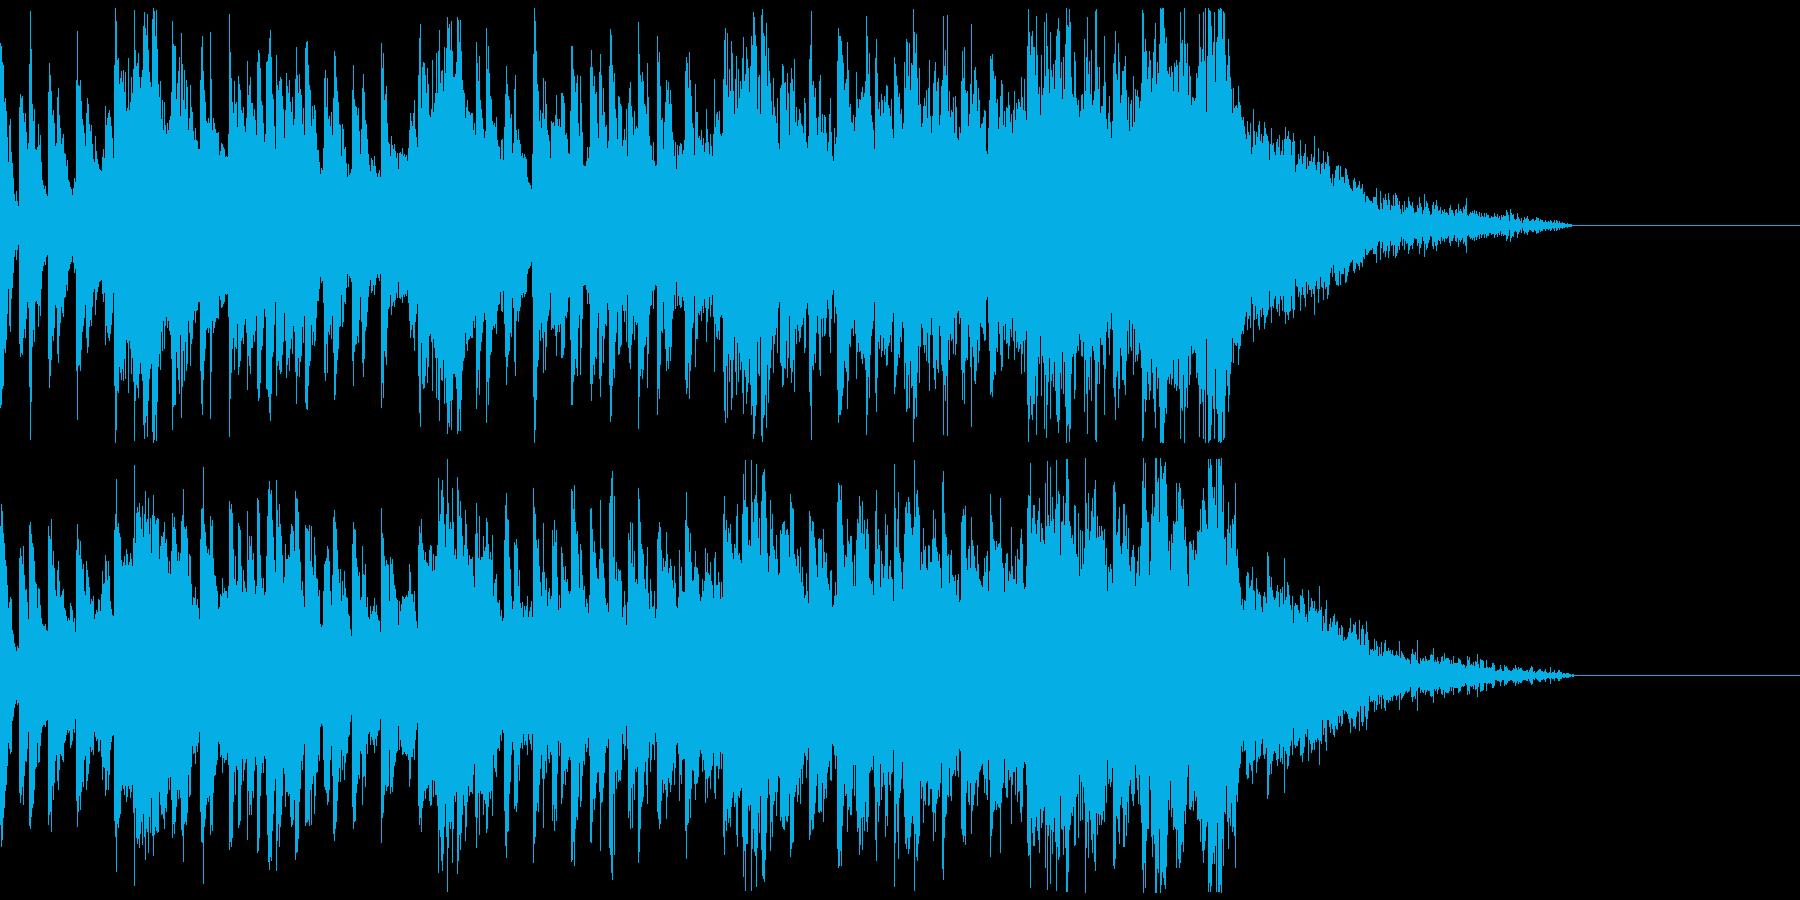 オシャ4つ打ち、スタイリッシュ雰囲気系6の再生済みの波形